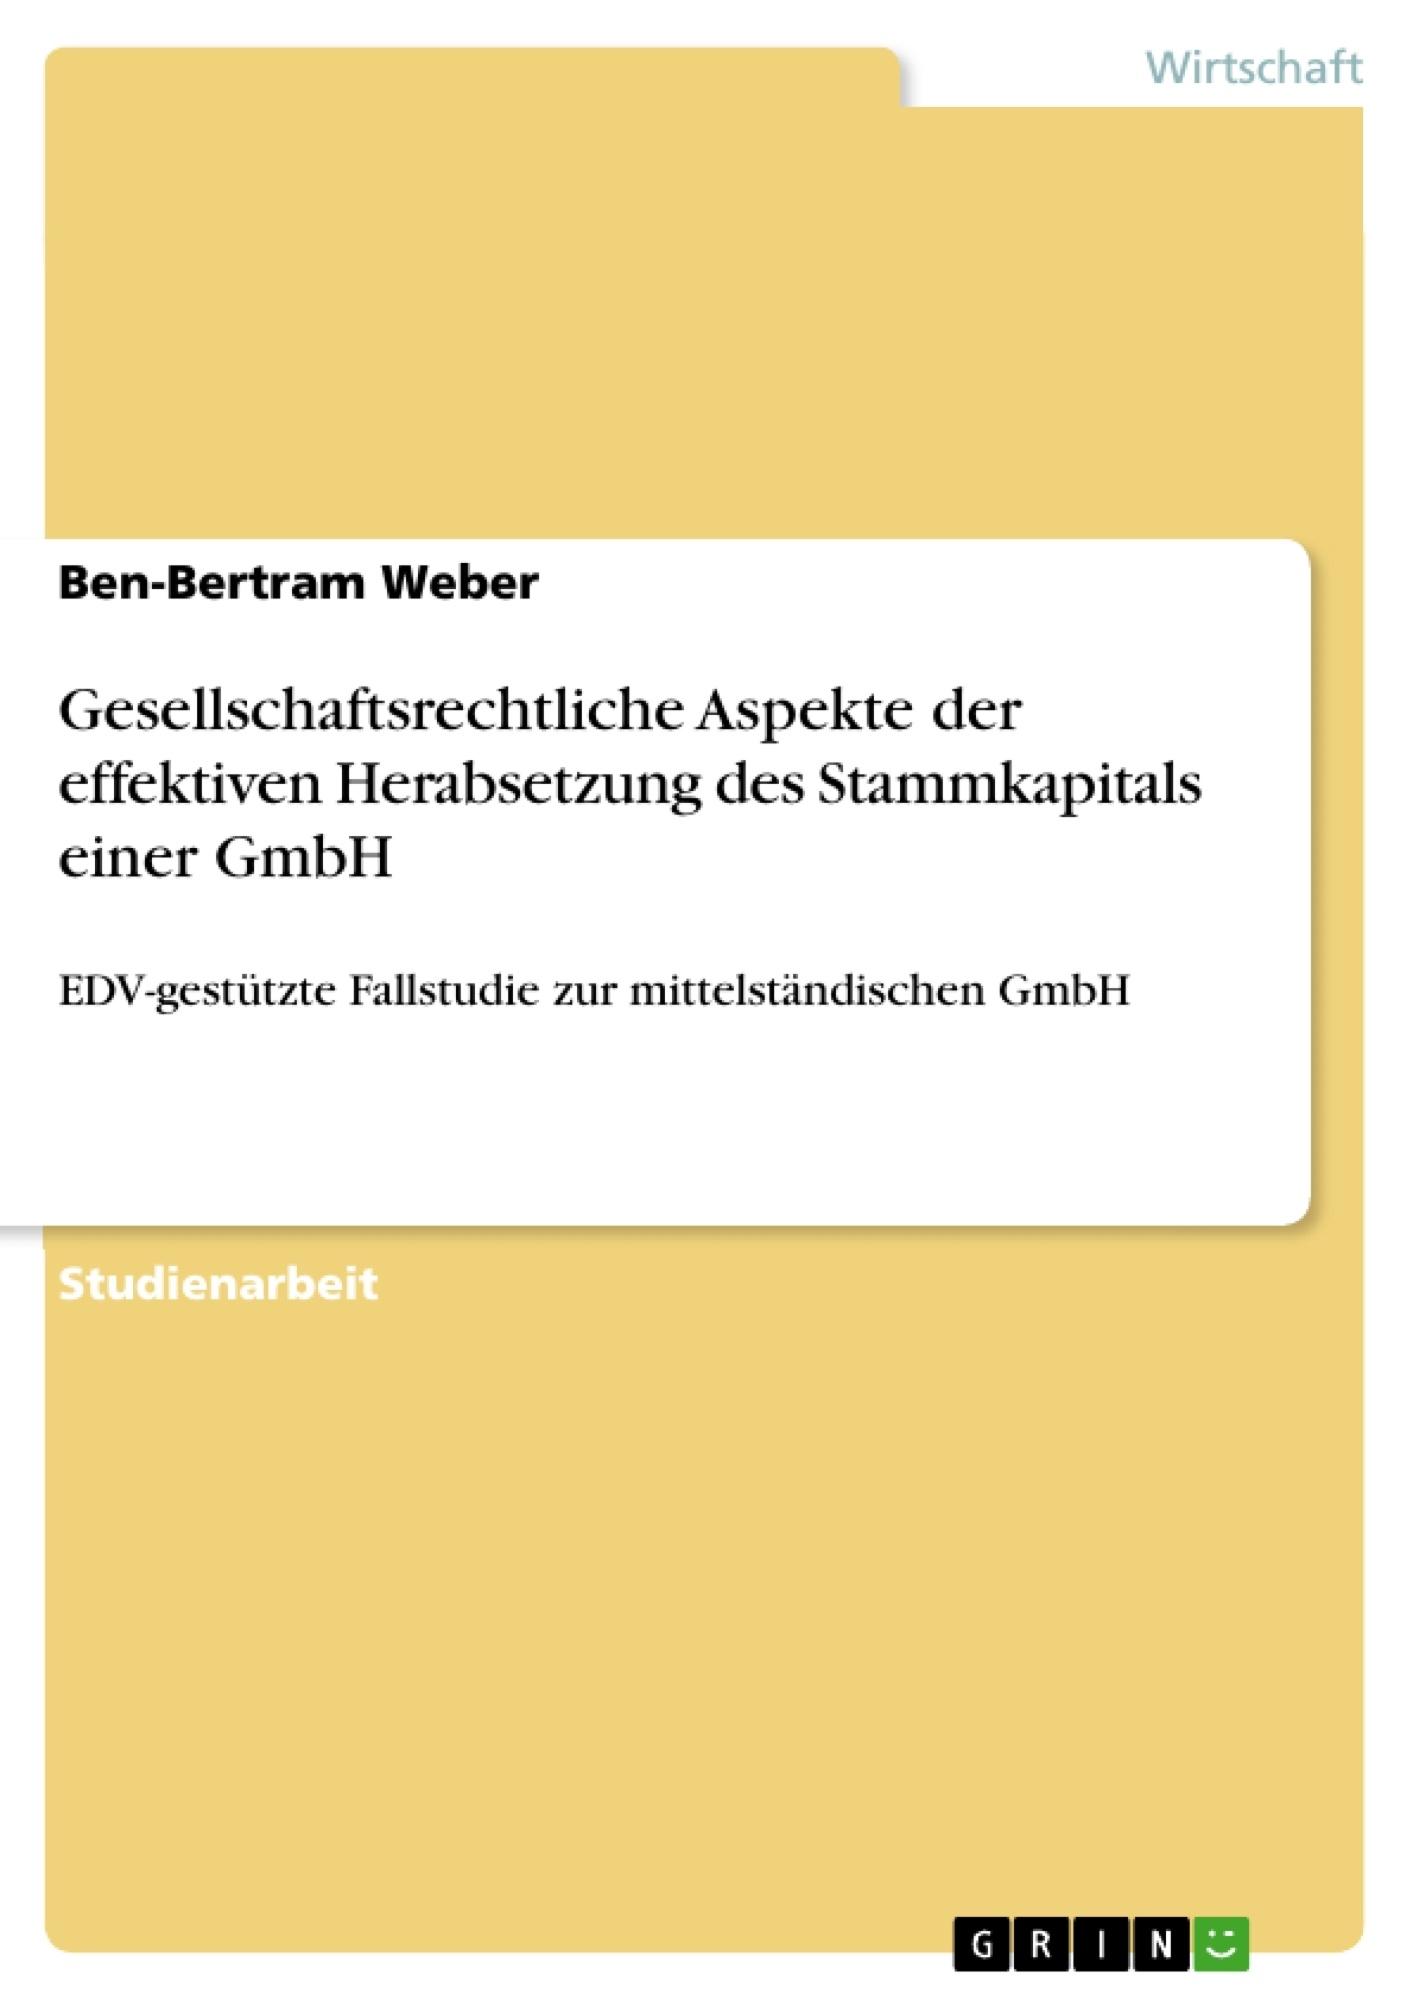 Titel: Gesellschaftsrechtliche Aspekte der effektiven Herabsetzung des Stammkapitals einer GmbH